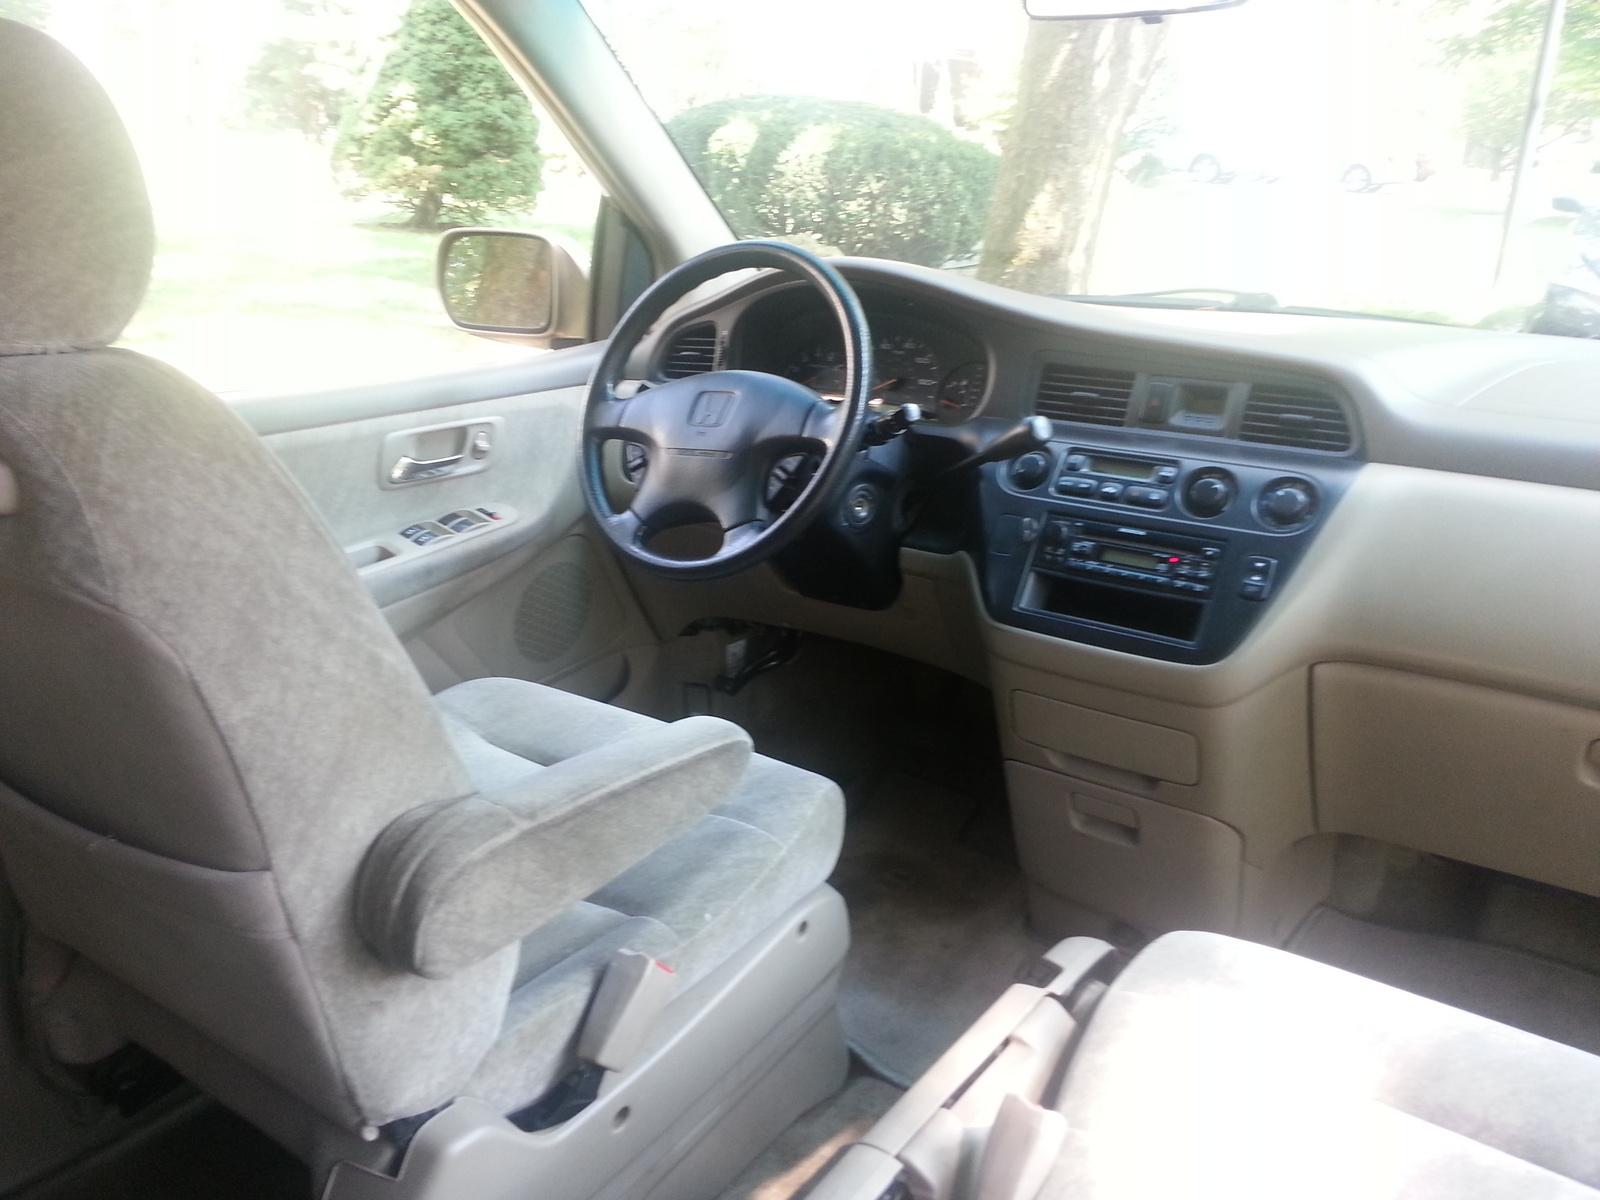 2000 Honda Odyssey Interior Pictures Cargurus